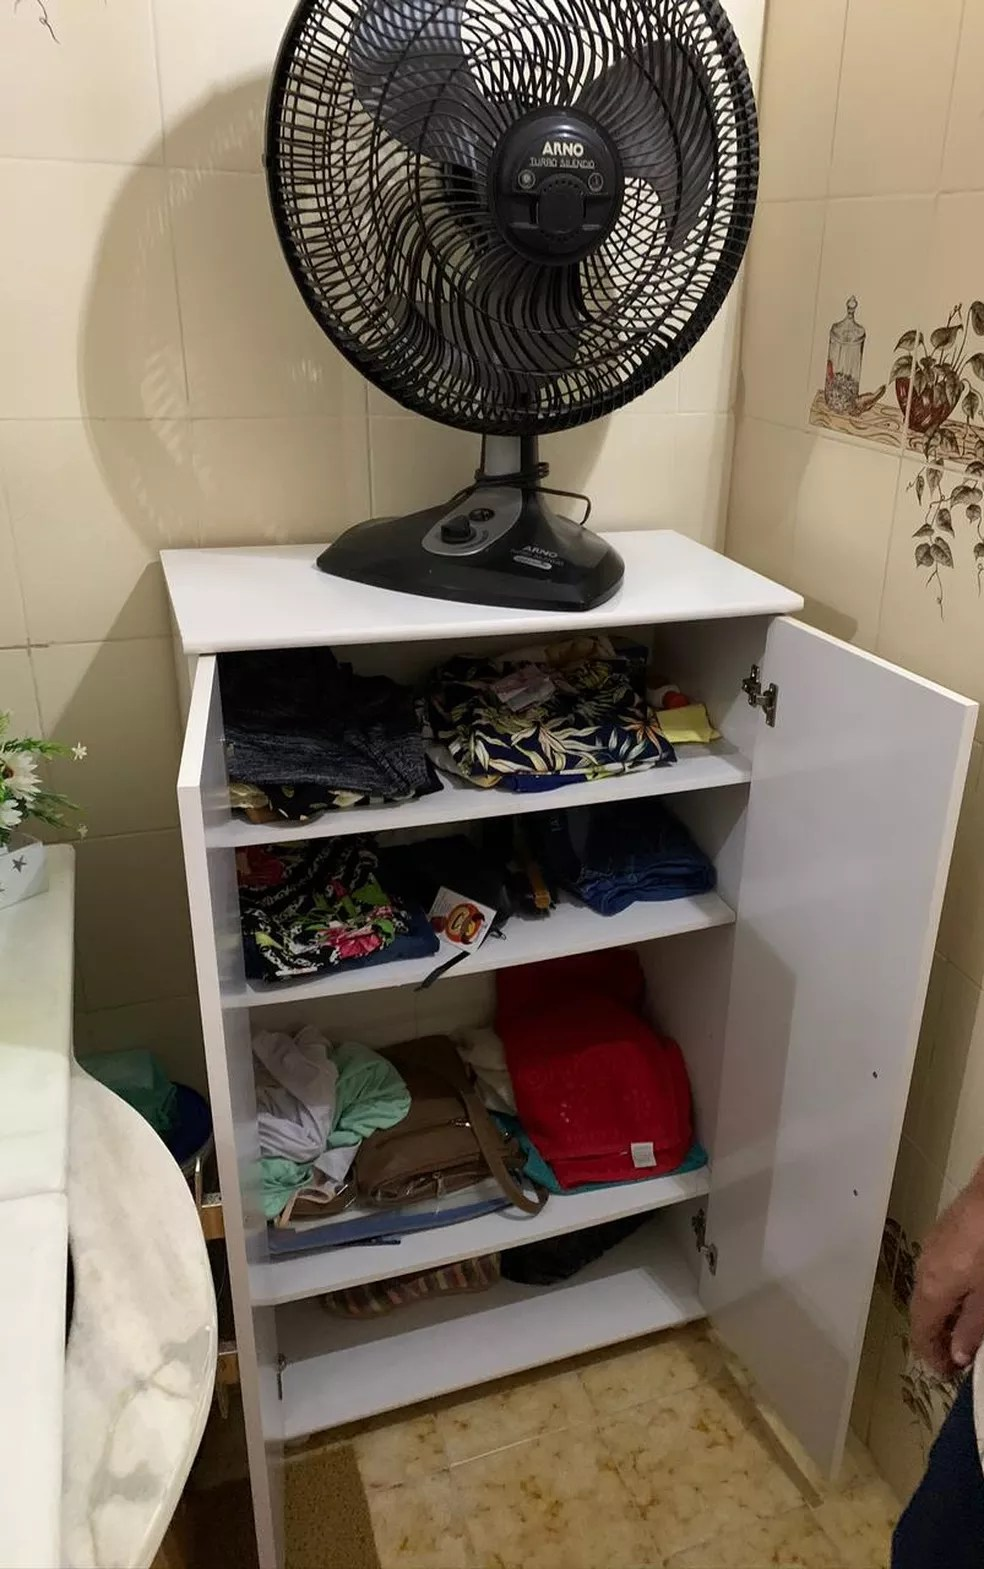 Pertences de empregada eram guardados em um armário pequeno dentro do banheiro — Foto: Reprodução/Arquivo Pessoal